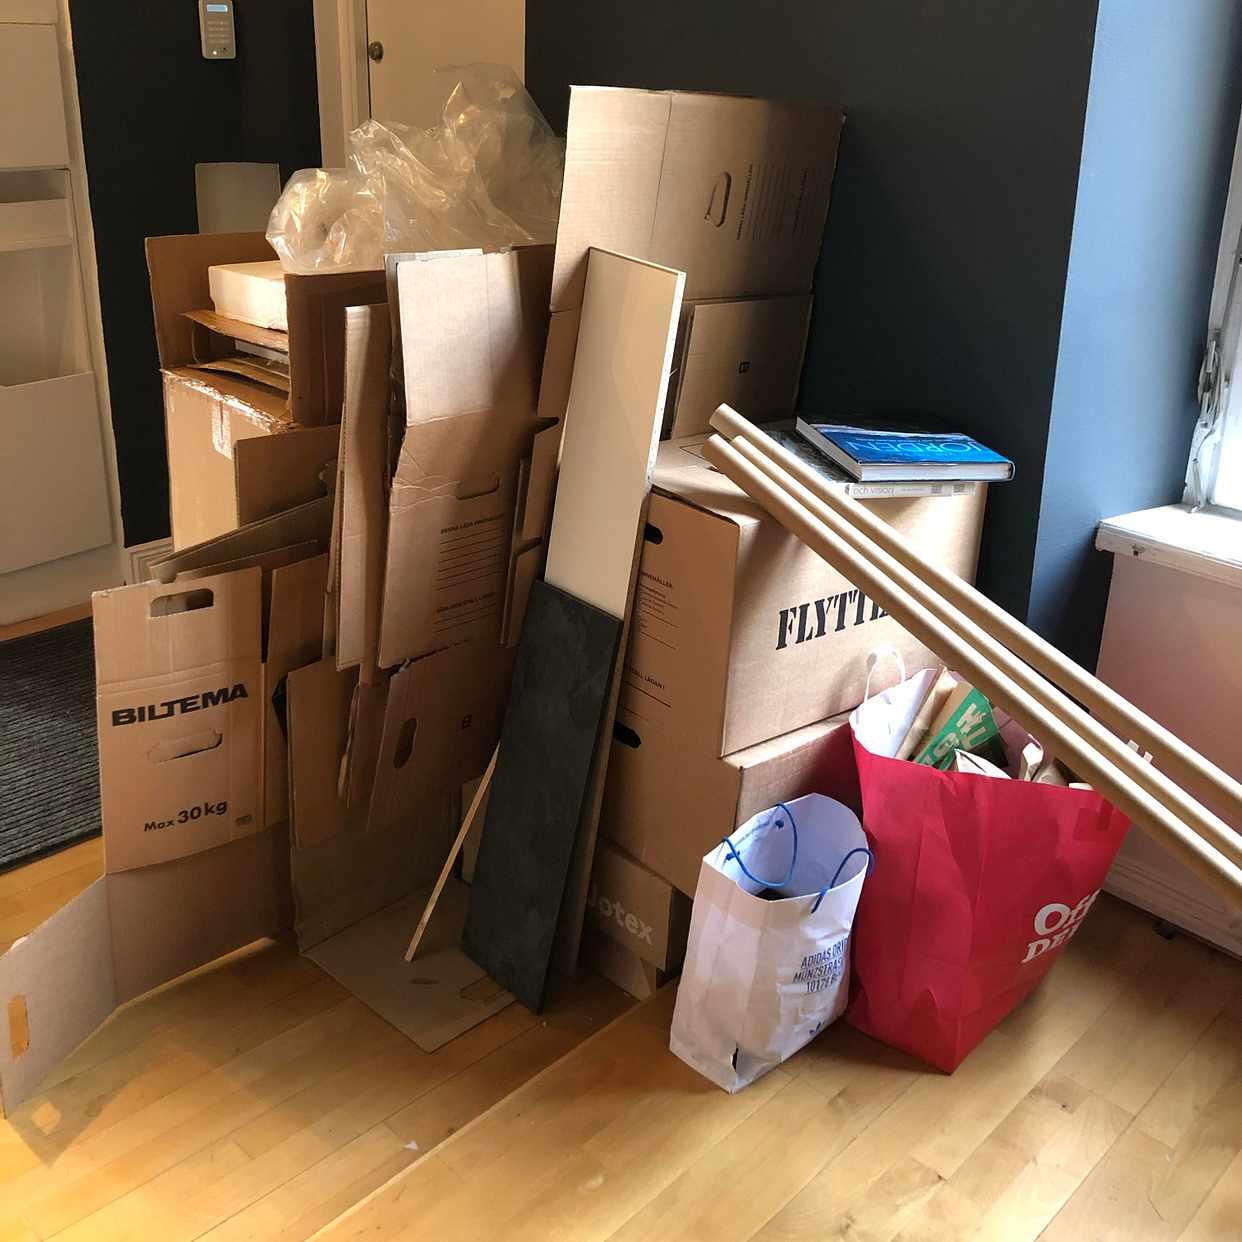 image of Emballage och skräp - Stockholms Stad